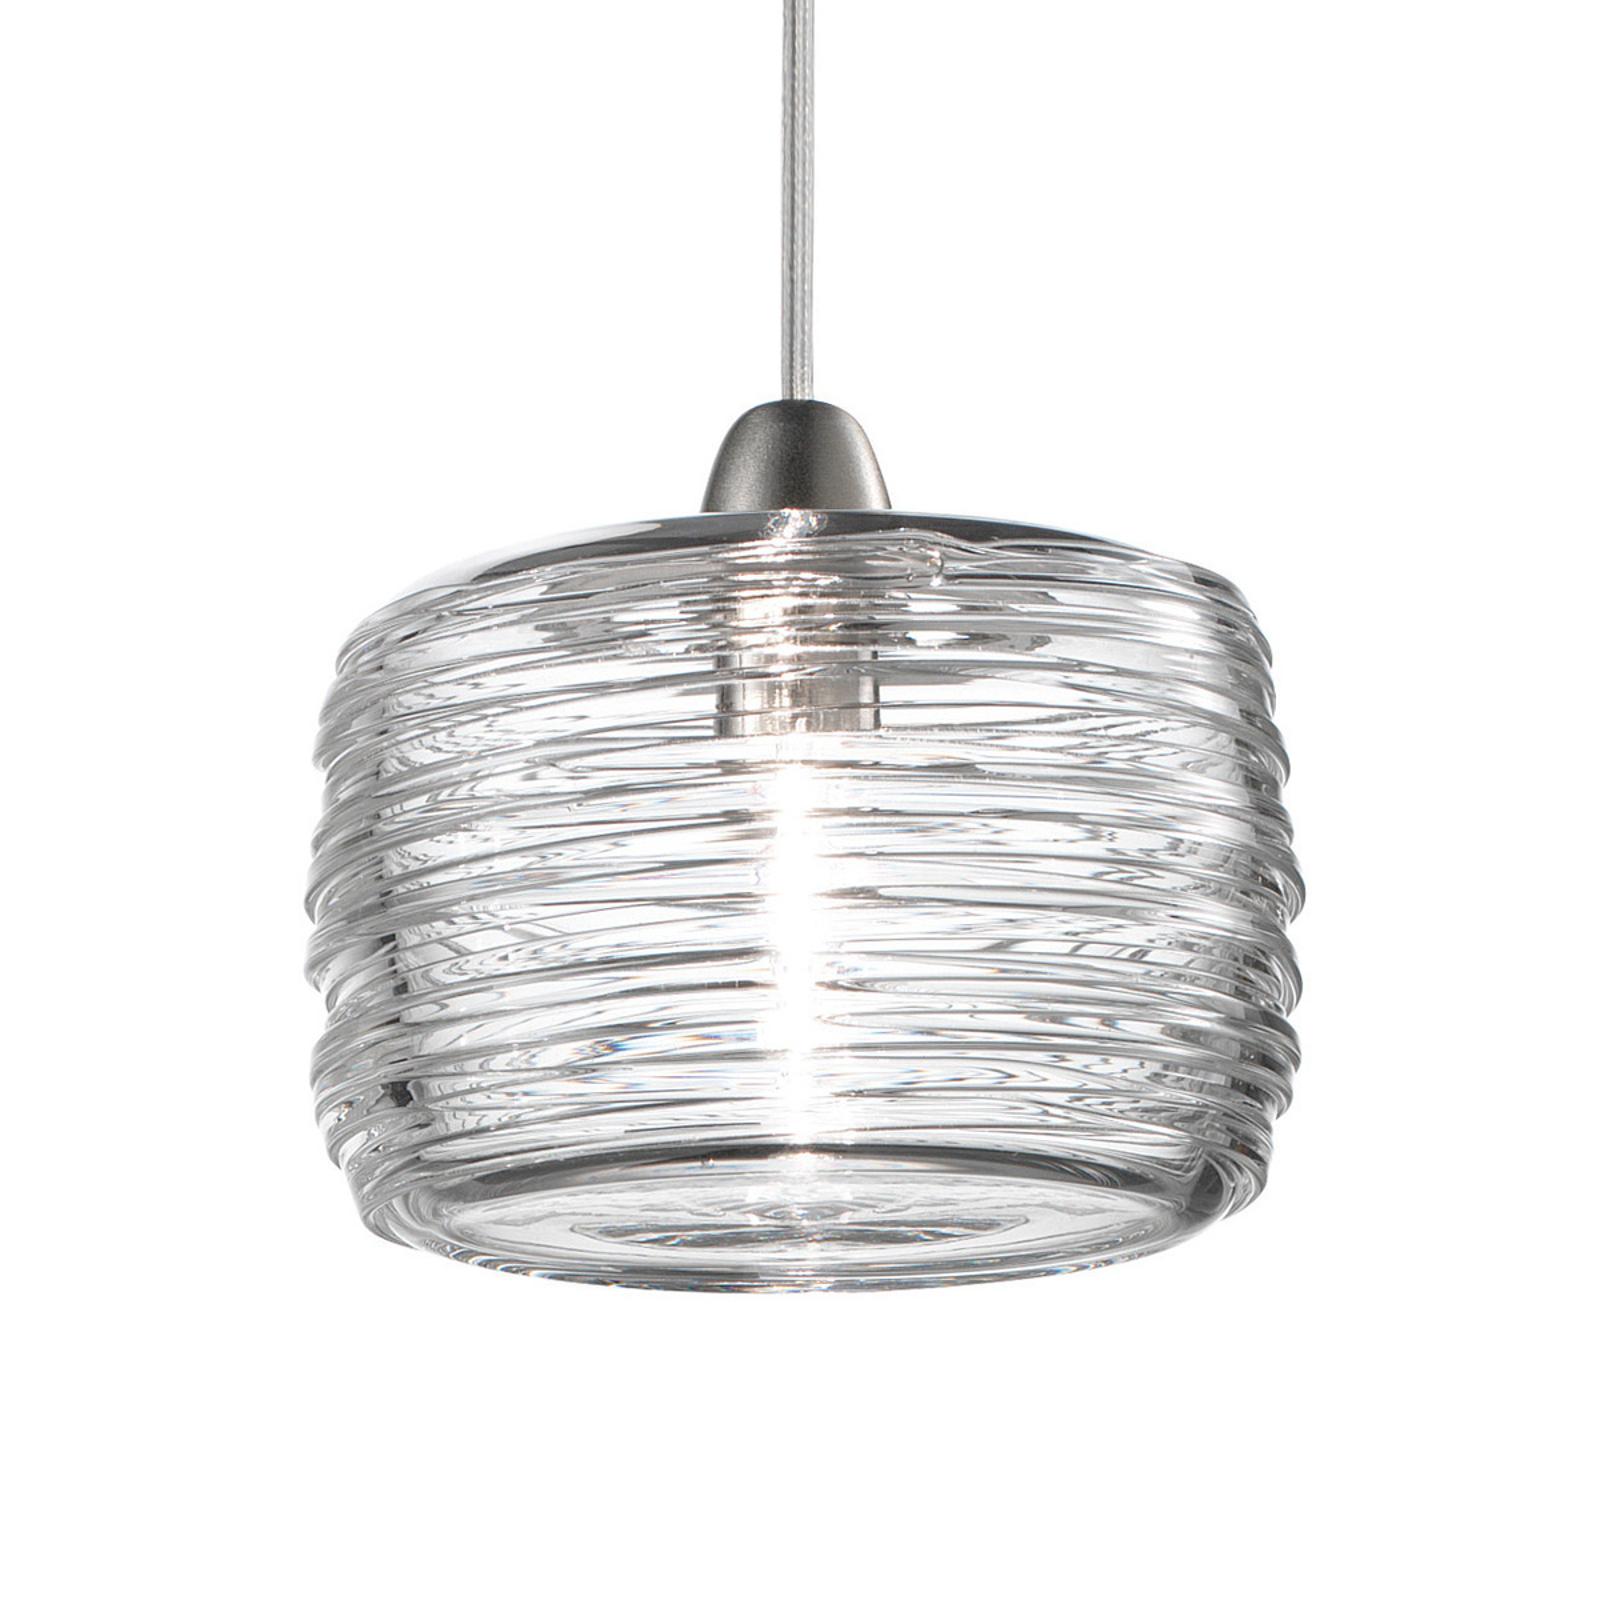 LED-riippuvalaisin Damasco kirkas Ø 12 cm